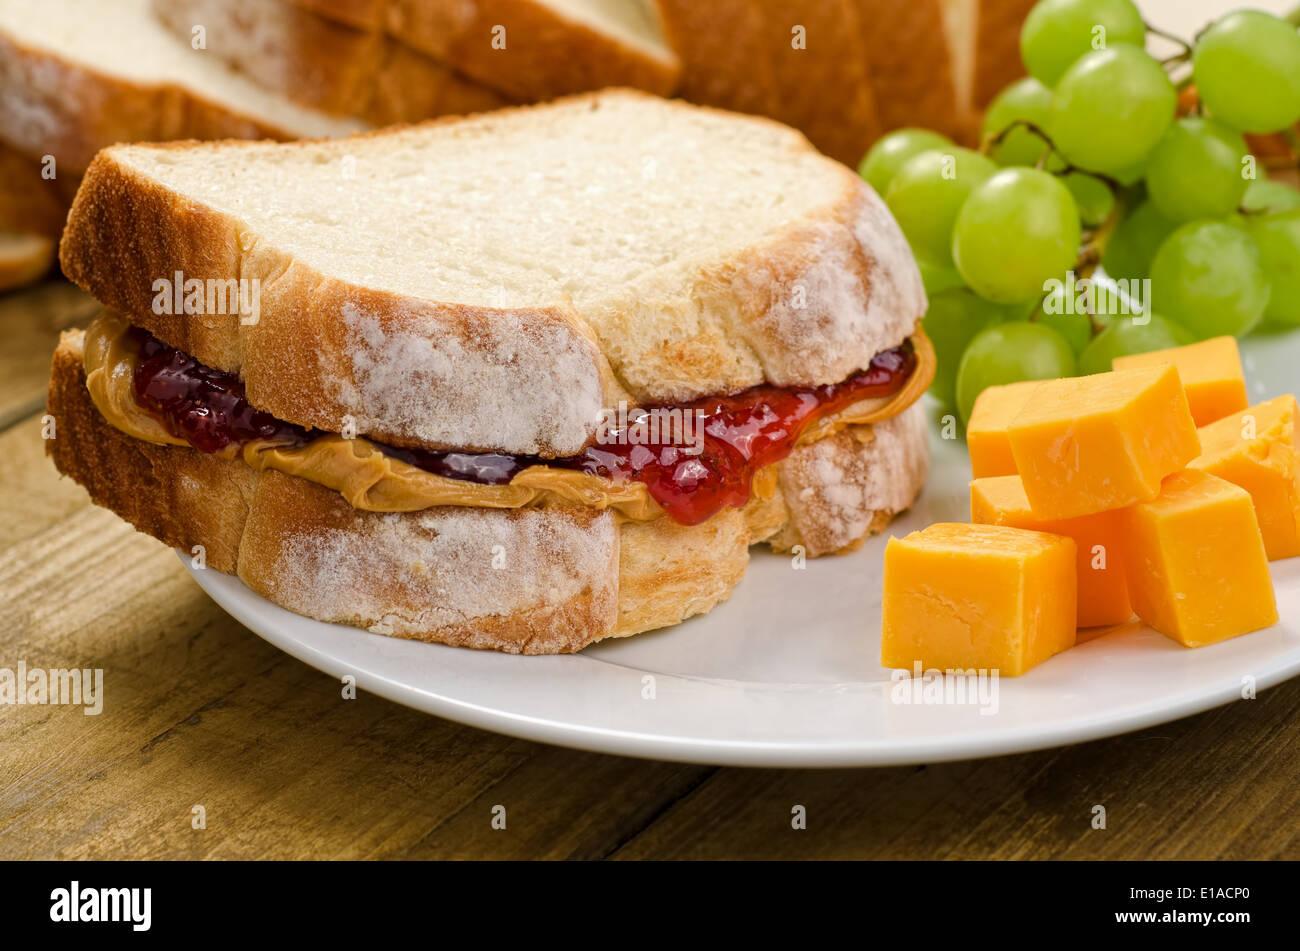 Eine nahrhafte Erdnussbutter und Marmelade-Sandwich mit Cheddar-Käse und Trauben. Stockbild